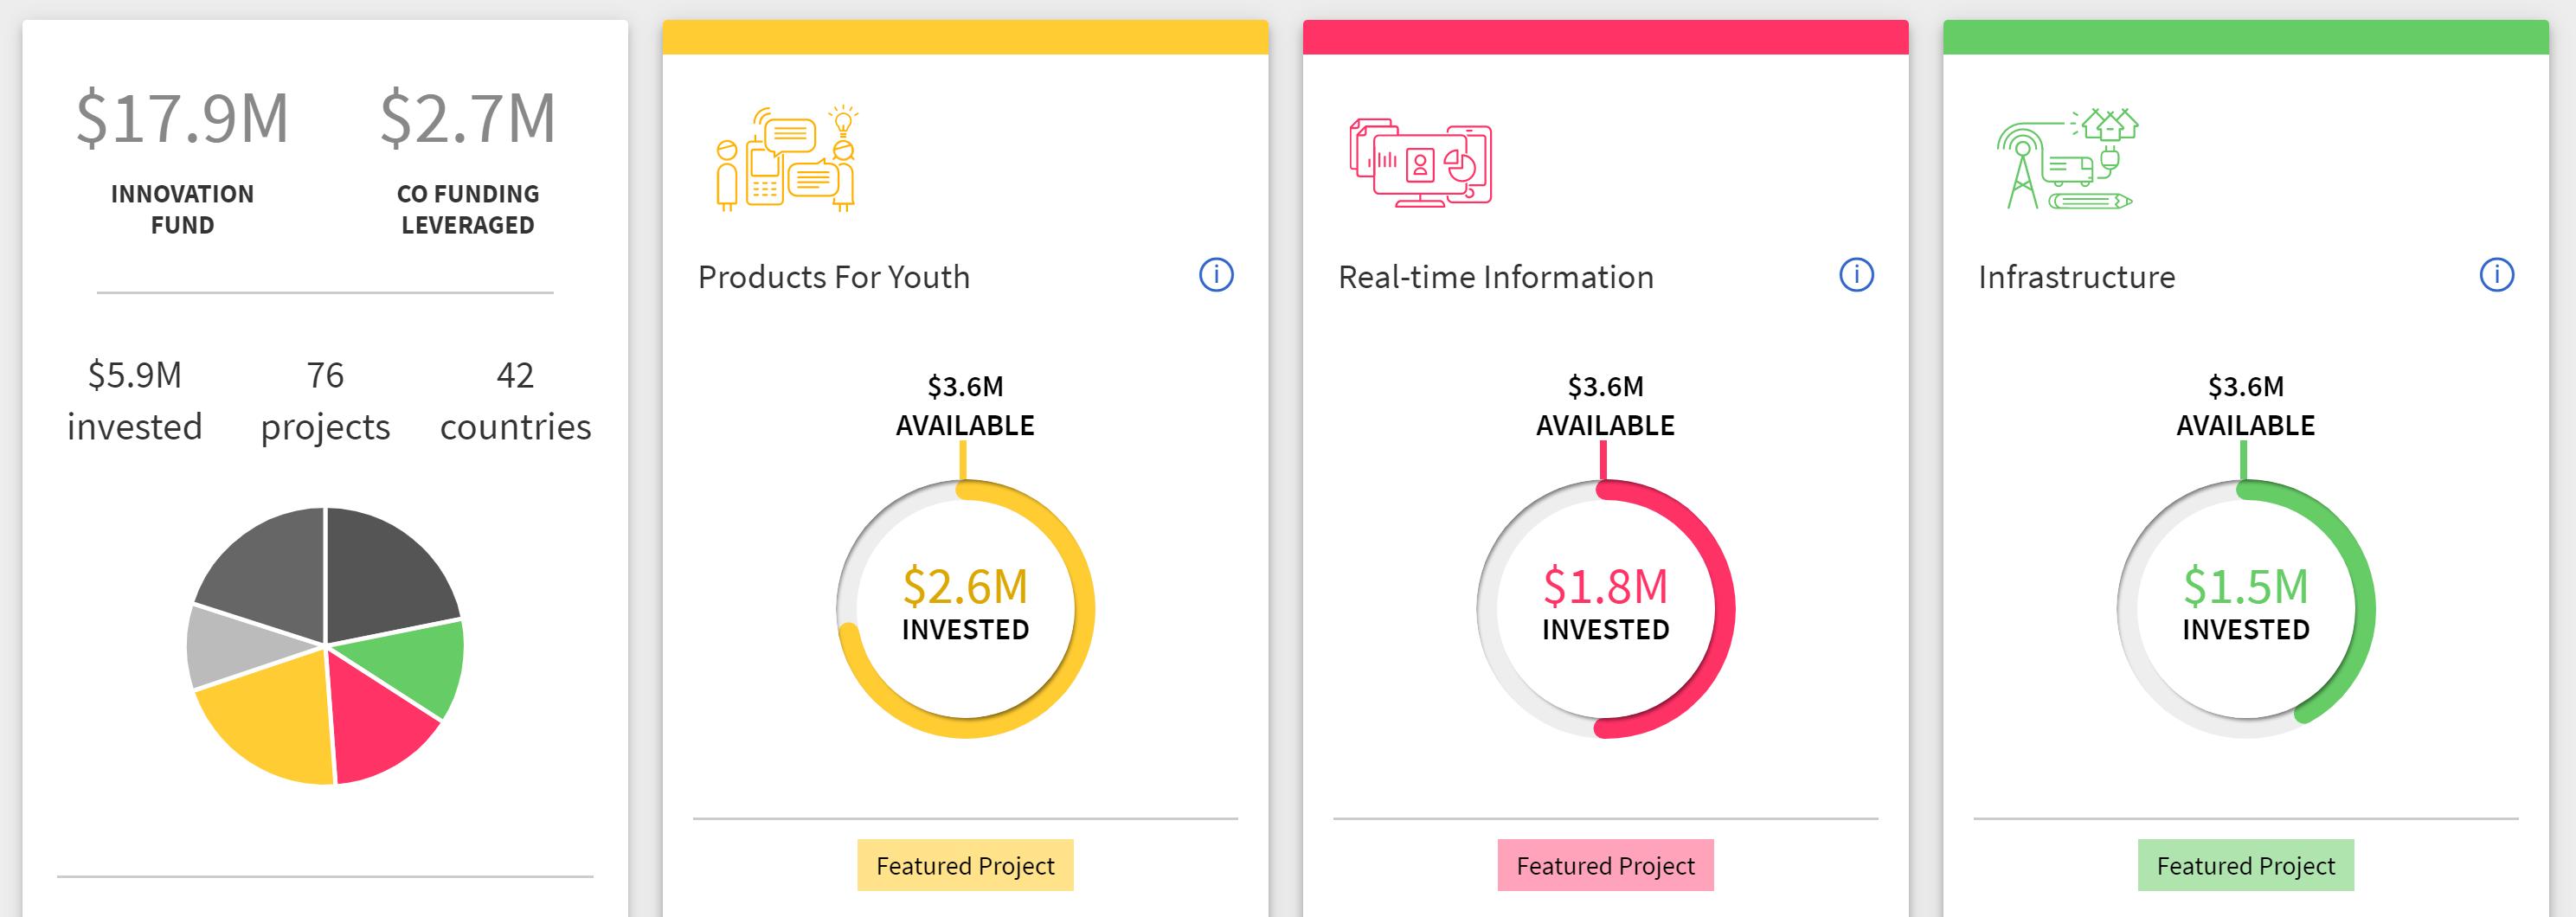 """La Agencia de las Naciones Unidas Unicef lanza el Fondo de Criptomonedas """"ancho ="""" 2977 """"altura = """"1060"""" srcset = """"https://blackswanfinances.com/wp-content/uploads/2019/10/innovation-fund.png 2977w, https://news.bitcoin.com/wp-content/uploads/2019 /10/innovation-fund-300x107.png 300w, https://news.bitcoin.com/wp-content/uploads/2019/10/innovation-fund-768x273.png 768w, https://news.bitcoin.com /wp-content/uploads/2019/10/innovation-fund-1024x365.png 1024w, https://news.bitcoin.com/wp-content/uploads/2019/10/innovation-fund-696x248.png 696w, https : //news.bitcoin.com/wp-content/uploads/2019/10/innovation-fund-1392x496.png 1392w, https://news.bitcoin.com/wp-content/uploads/2019/10/innovation- fund-1068x380.png 1068w, https://news.bitcoin.com/wp-content/uploads/2019/10/innovation-fund-1180x420.png 1180w """"tamaños ="""" (ancho máximo: 2977px) 100vw, 2977px [19659013] El Unicef Innovat Página de inicio del Fondo de Ion. </figcaption> </figure> <p> Christopher Fabian, cofundador de la Unidad de Innovación de Unicef, explicó previamente la importancia de poder demostrar a dónde va el dinero donado. """"Para lograr ese nivel de transparencia con las criptomonedas, las organizaciones deberán poder recibir, administrar y distribuir fondos de criptomonedas sin convertirlas"""", comentó. """"En otras palabras, para rastrear dónde fue su donación de bitcoin, tiene que terminar en el punto de necesidad todavía como bitcoin"""". Para su nueva empresa, Unicef confirmó: </p> <blockquote> <p> Bajo la estructura del Fondo de Criptomonedas de Unicef, las contribuciones serán se celebrará en su criptomoneda de contribución y se otorgará en la misma criptomoneda. </p> </blockquote> <p> Los tres beneficiarios mencionados anteriormente son Prescrypto, Utopixar y Atix Labs. Prescrypto está construyendo Rexchain, una cadena de bloques de atención médica. """"Sus recetas se almacenarán en una base de datos cifrada, a la que solo usted, o las personas con las que elija compartirlas, puede acceder"""", describió el"""